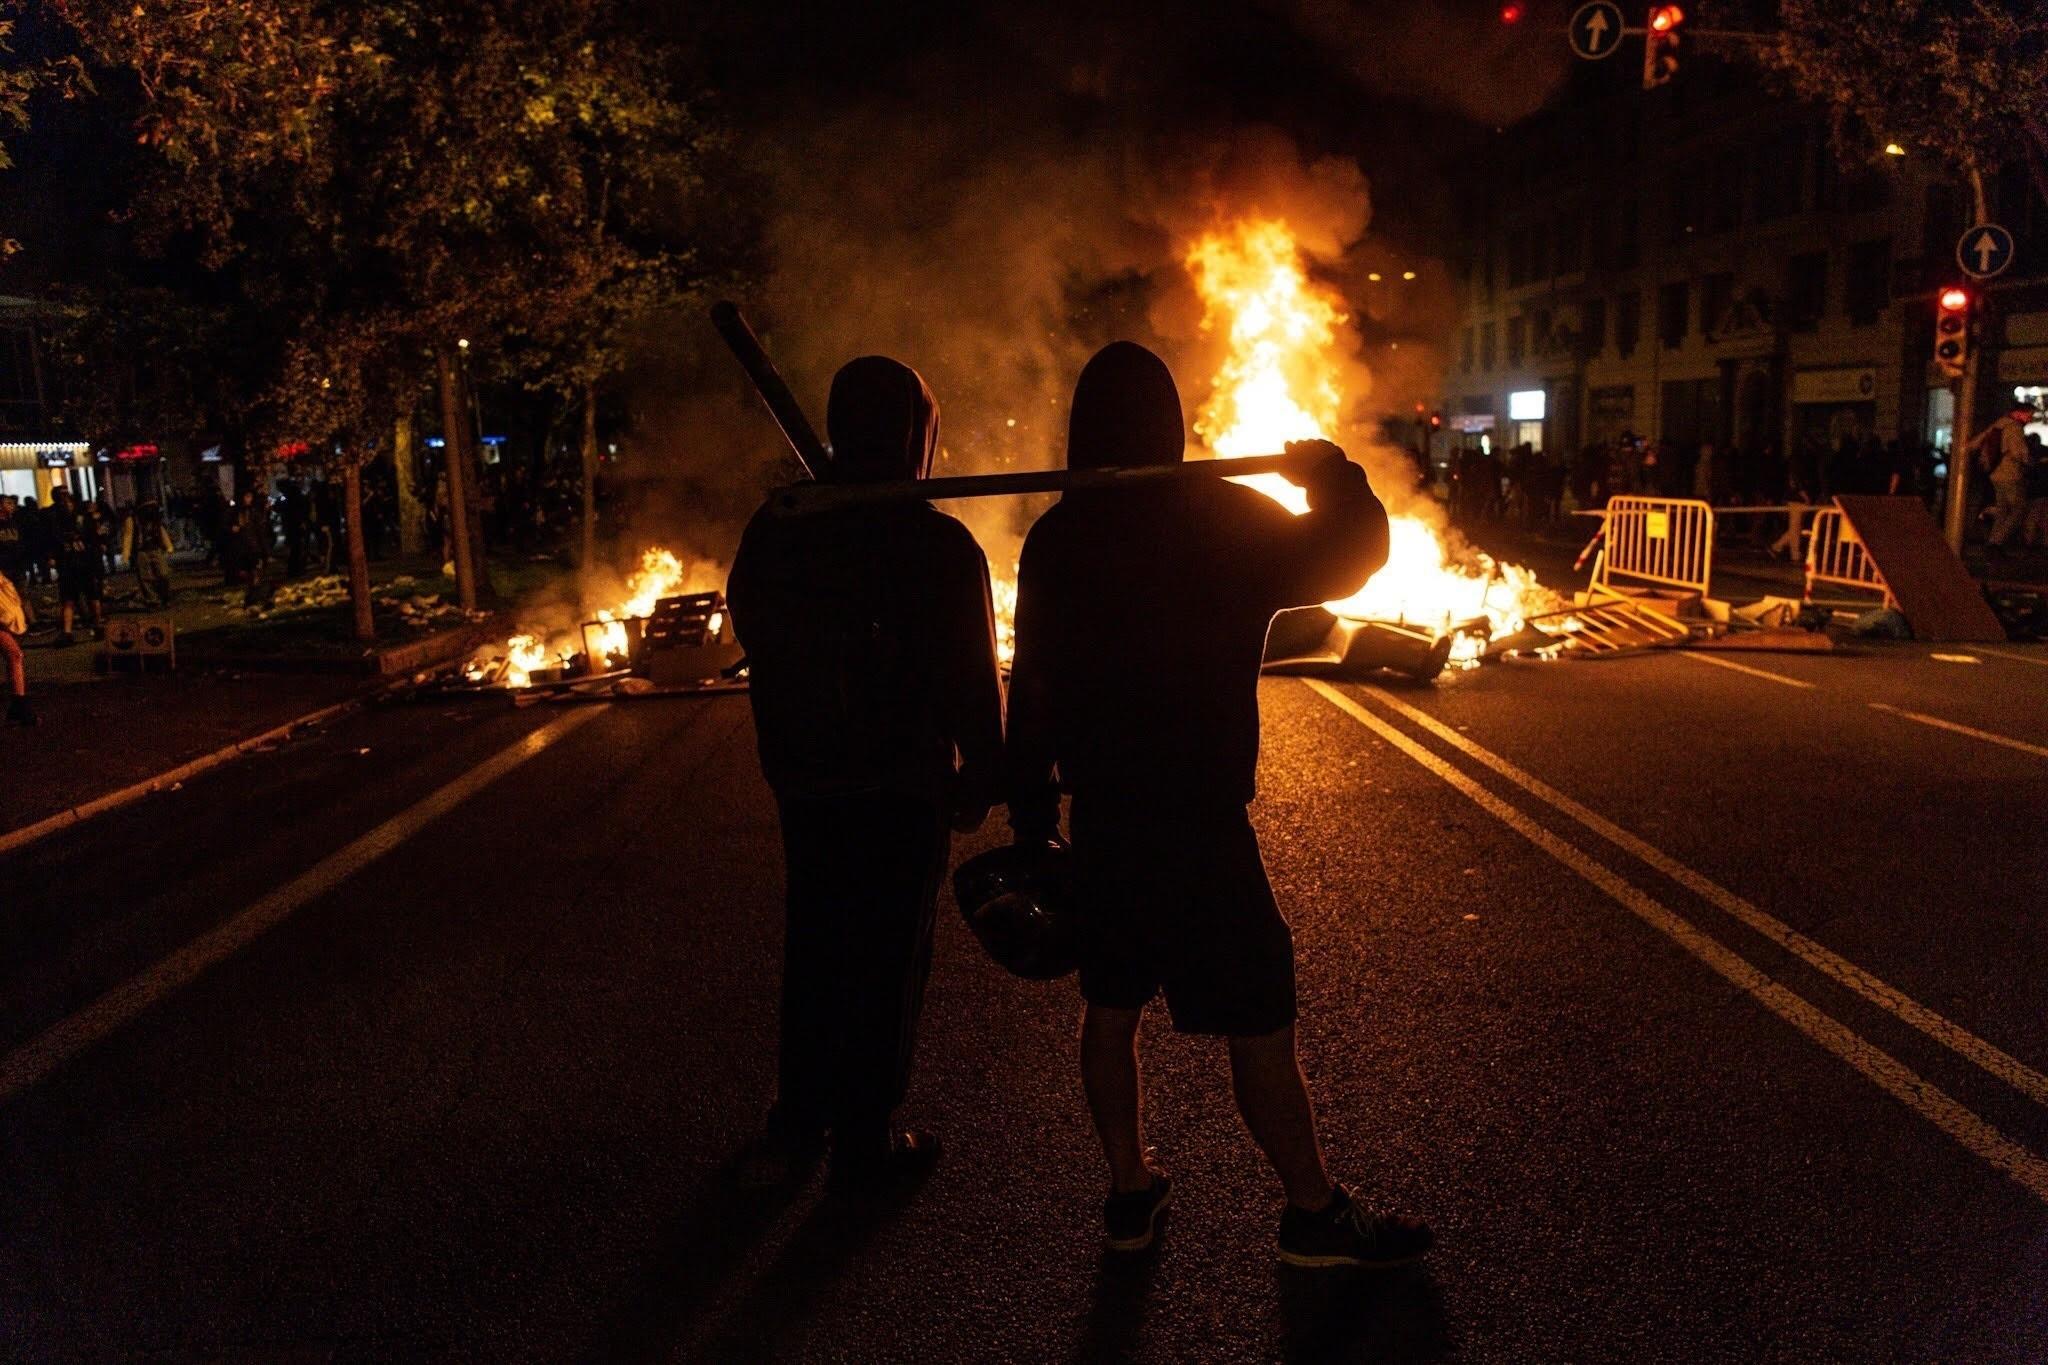 Y ahora está pasando? - Página 28 Europapress-2429925-los-manifestantes-contra-la-sentencia-del-1-o-toman-la-avenida-diagonal-con-calle-marina-de-barcelona